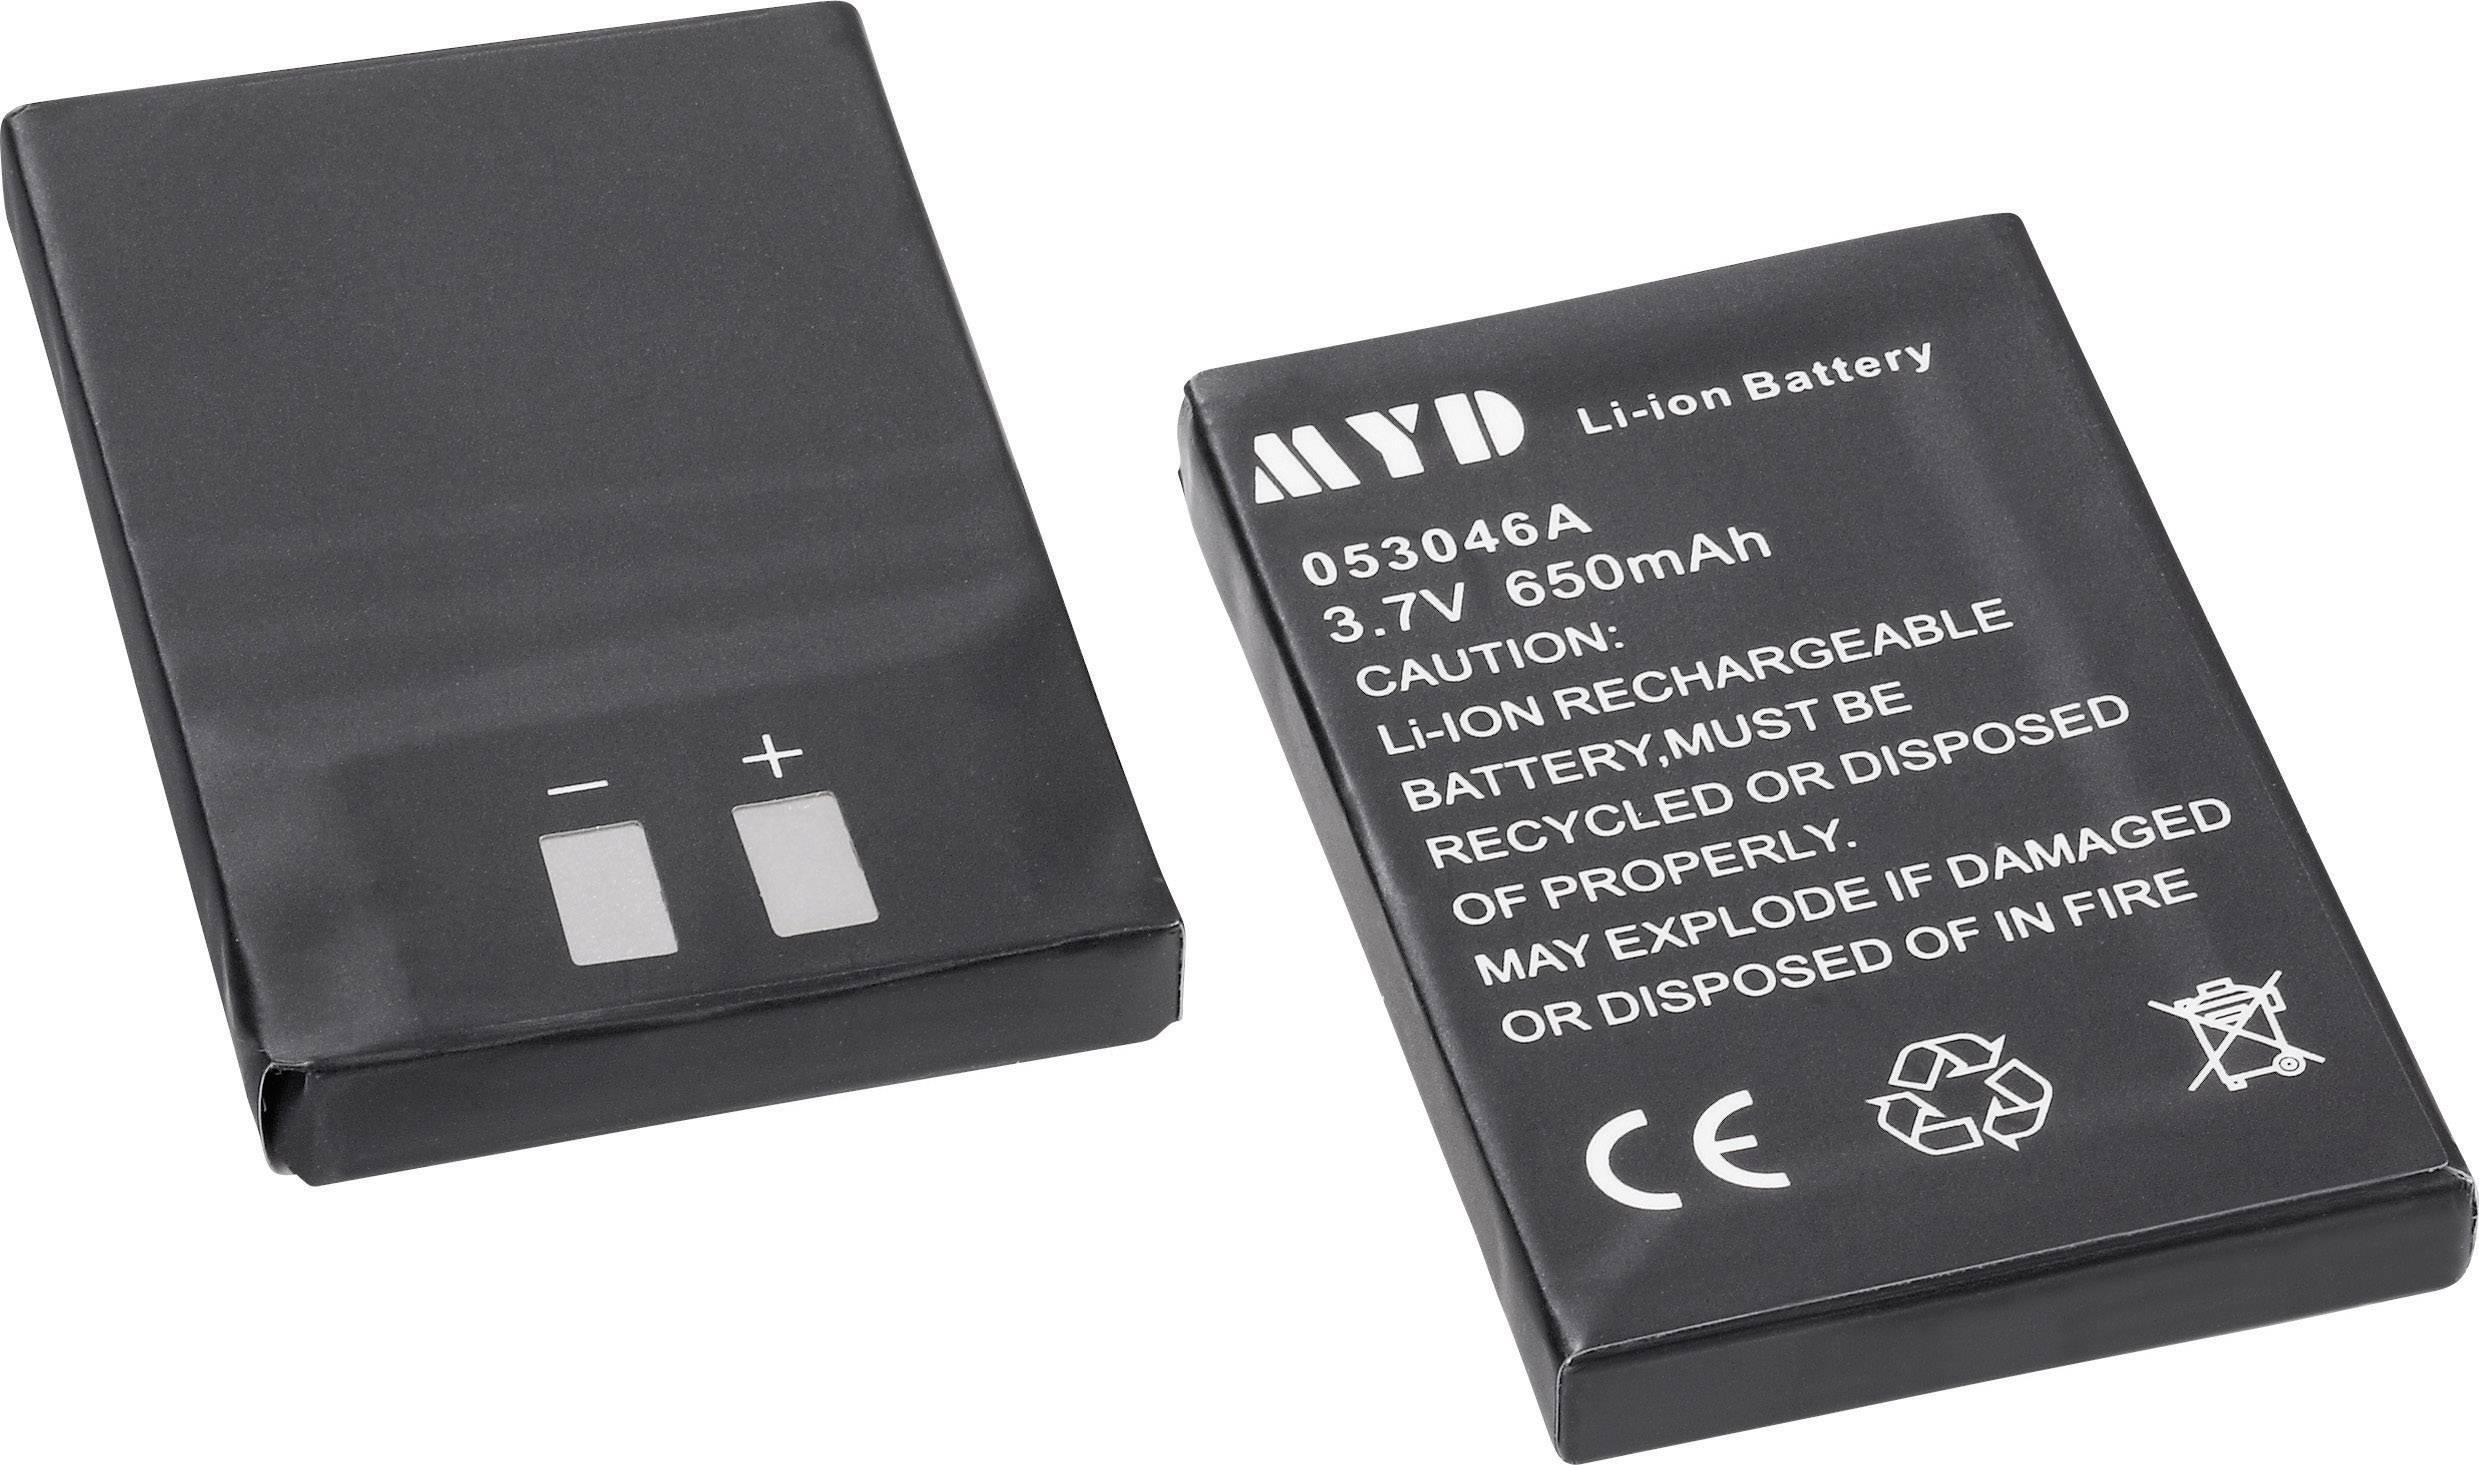 Náhradný akupack pre bezdrôtový komunikátor M-e GmbH FS-2